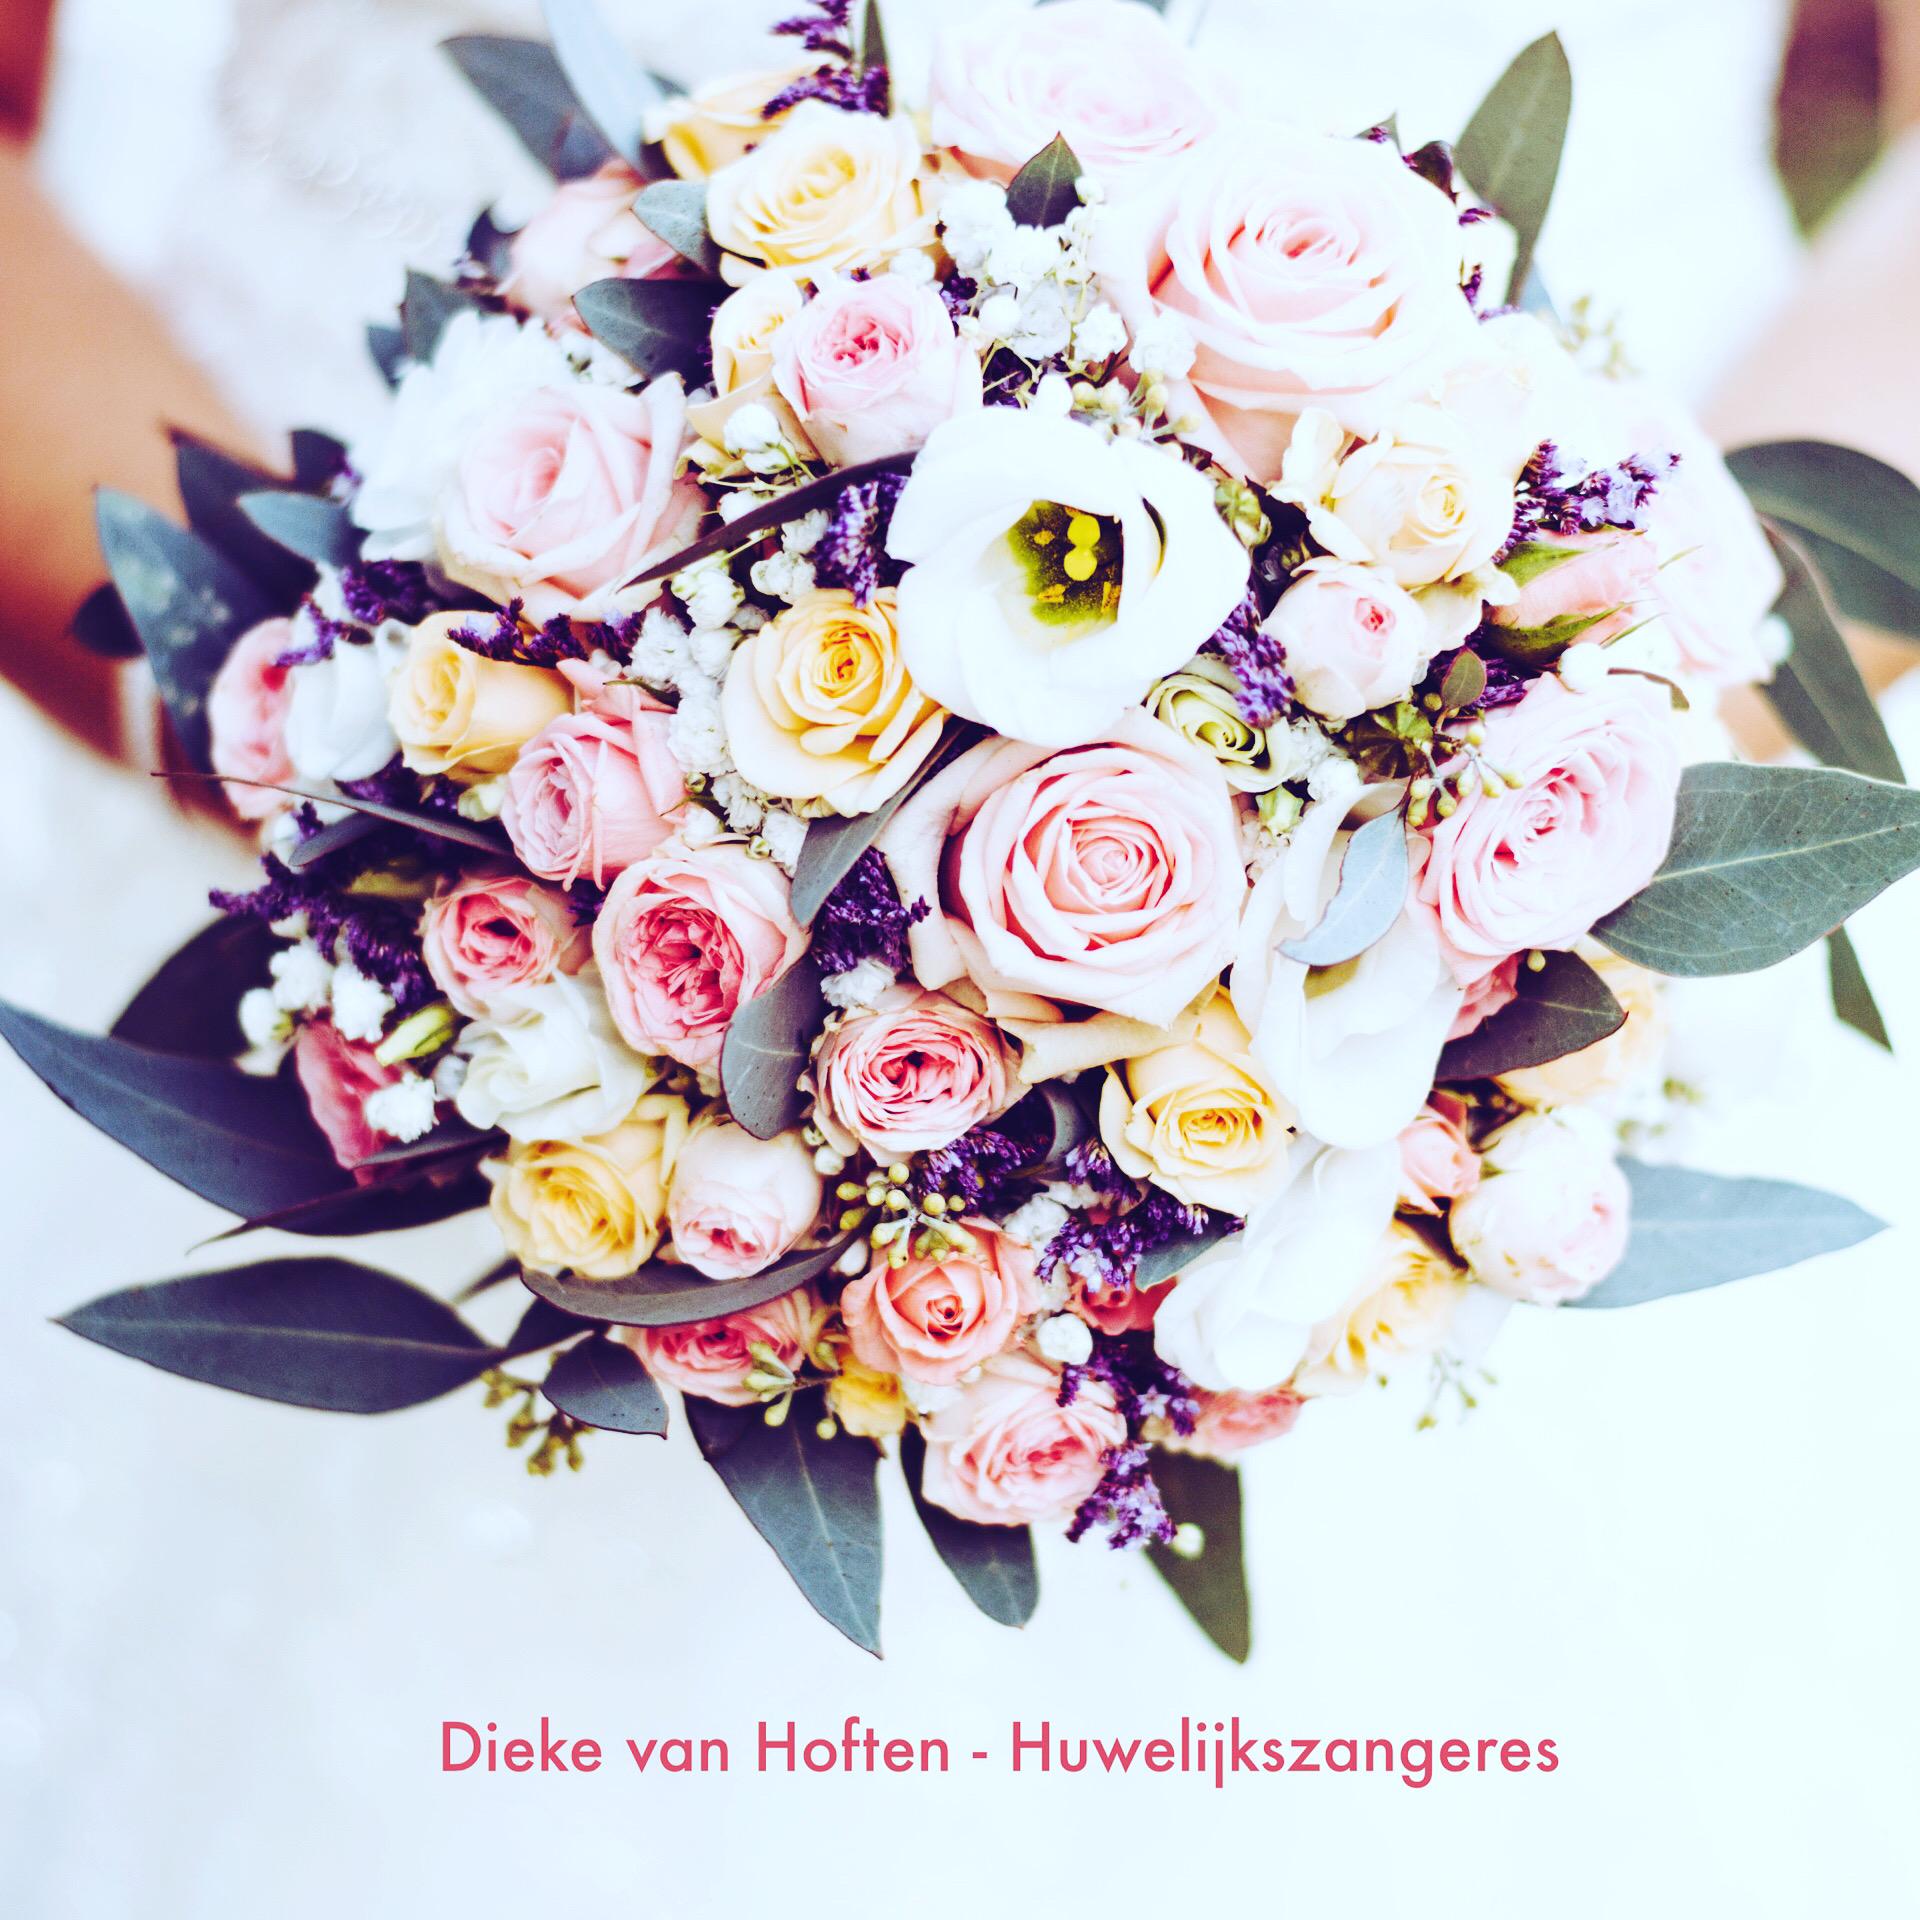 Dieke van Hoften – Huwelijkszangeres